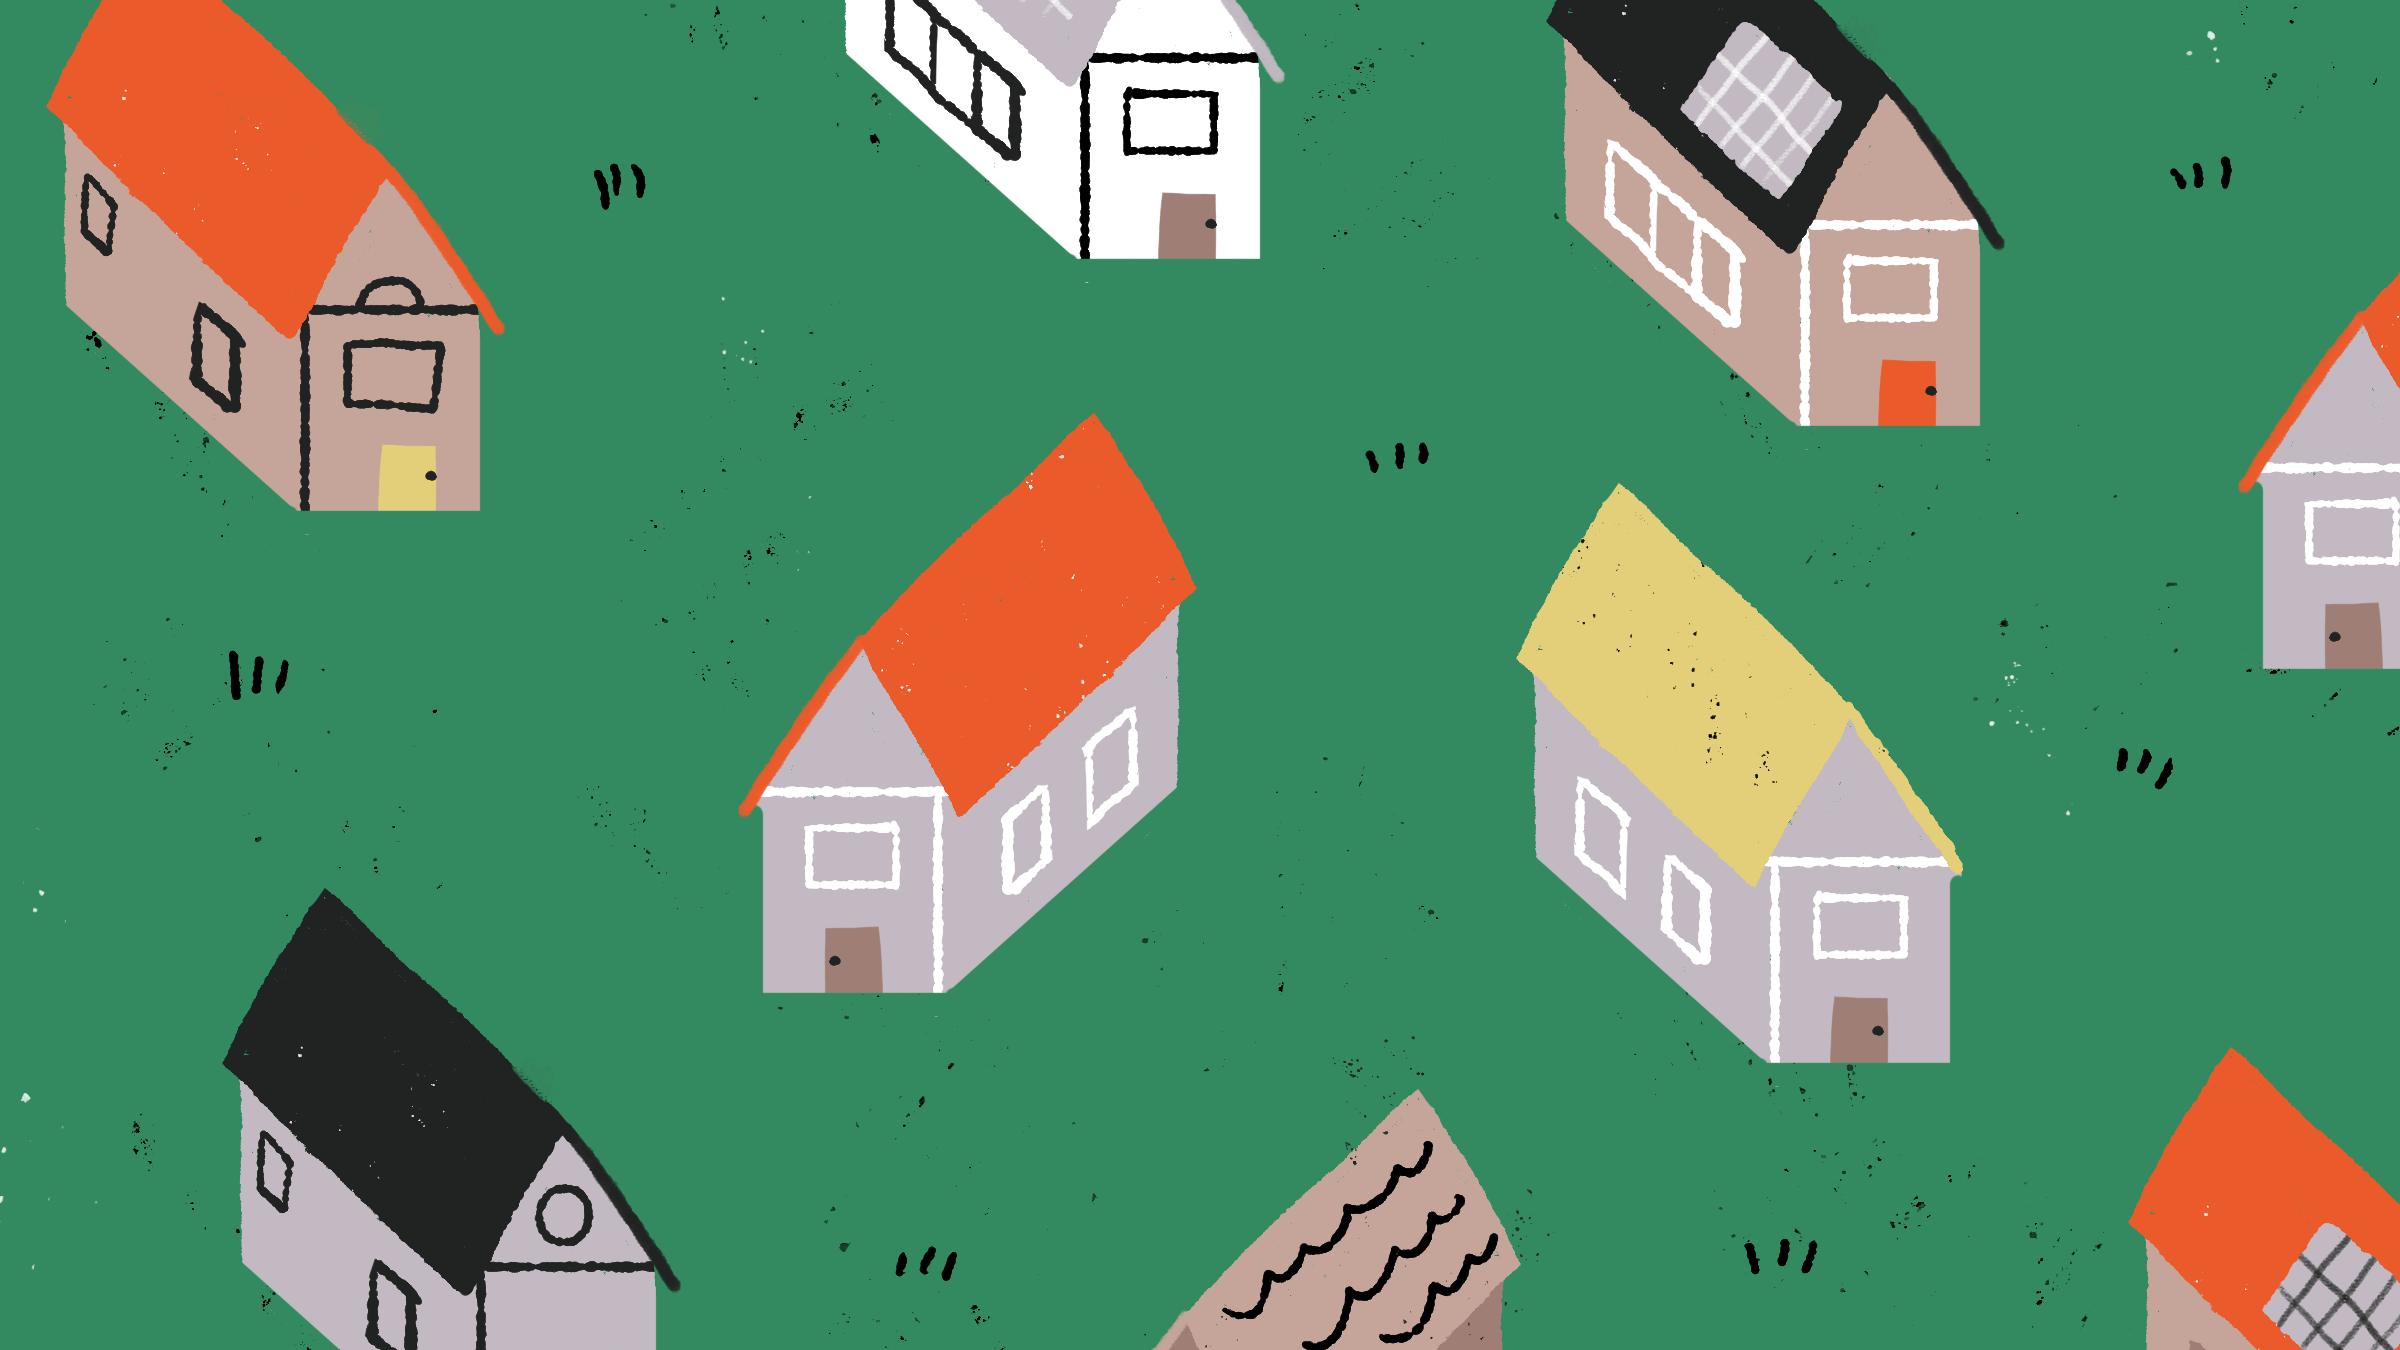 Homeowners Insurance and Coronavirus (COVID-19) | Policygenius